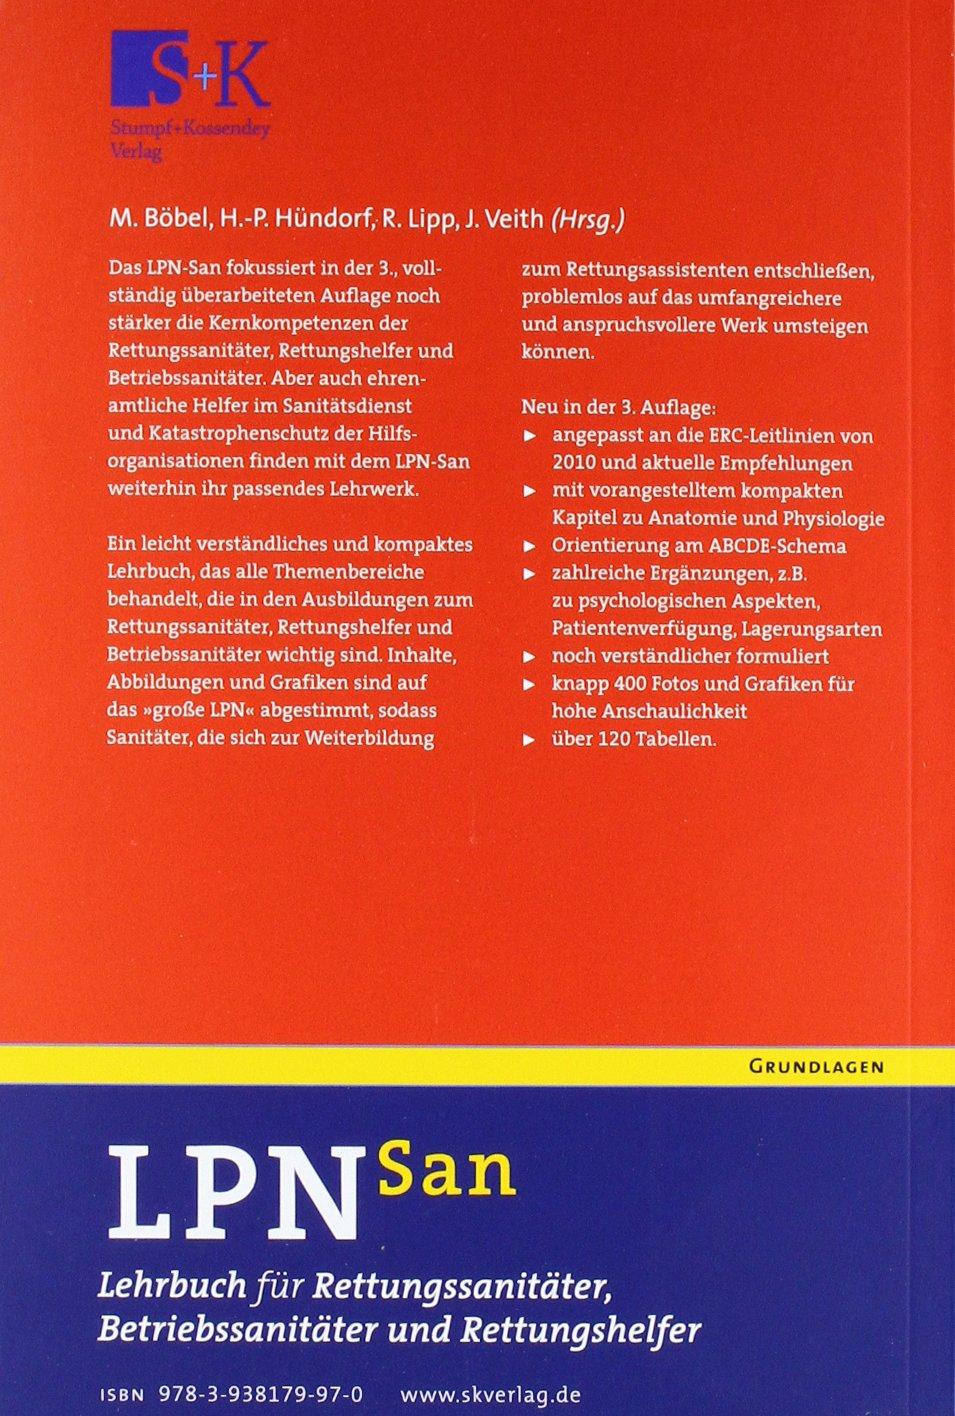 LPN-San: Lehrbuch für Rettungssanitäter, Betriebssanitäter und ... | {Betriebssanitäter logo 80}